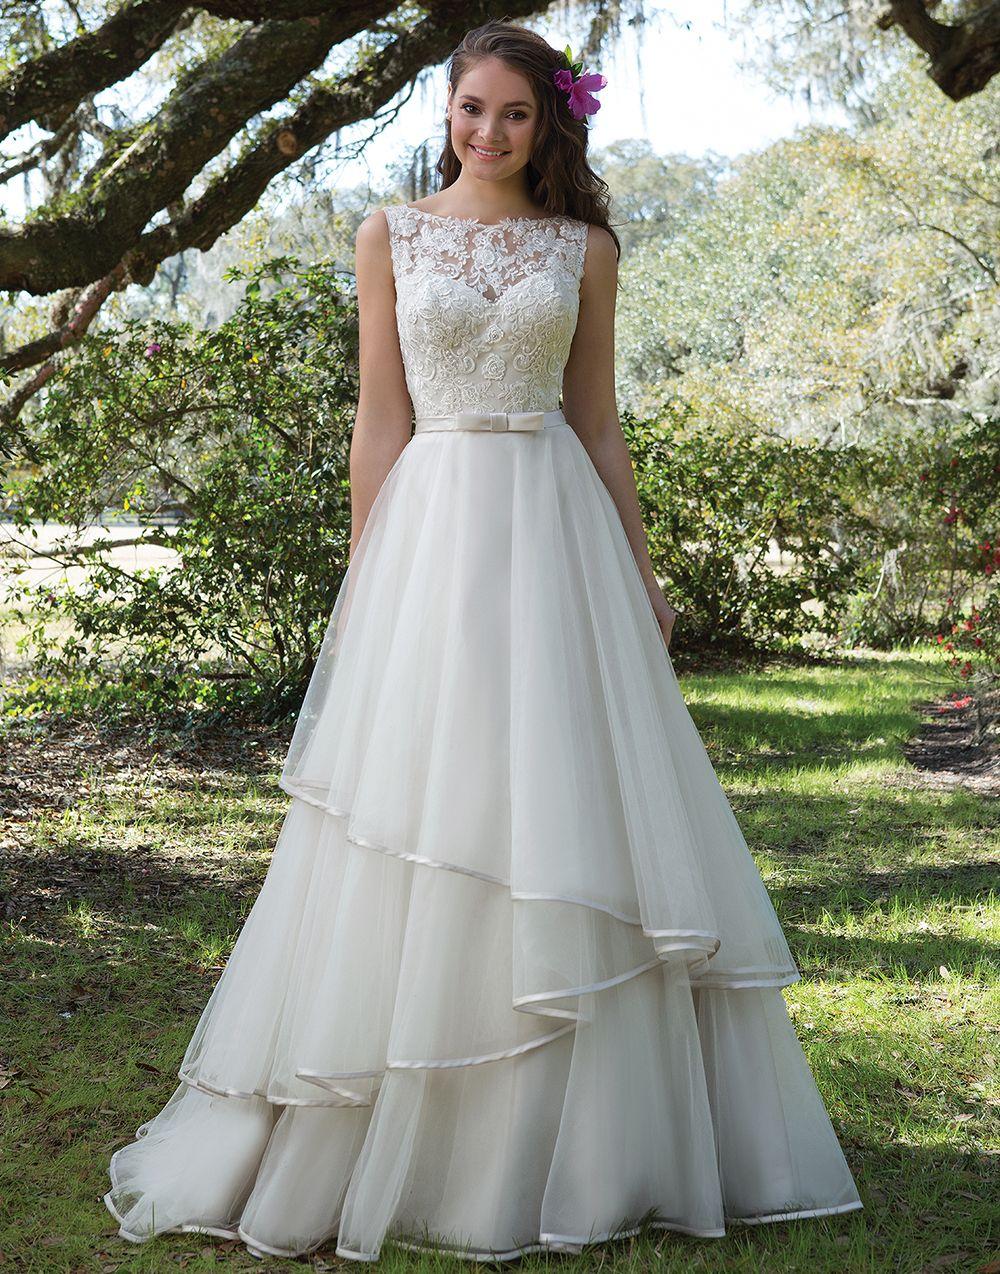 Sweetheart sweetheart style 6175 Bridal dresses, Wedding